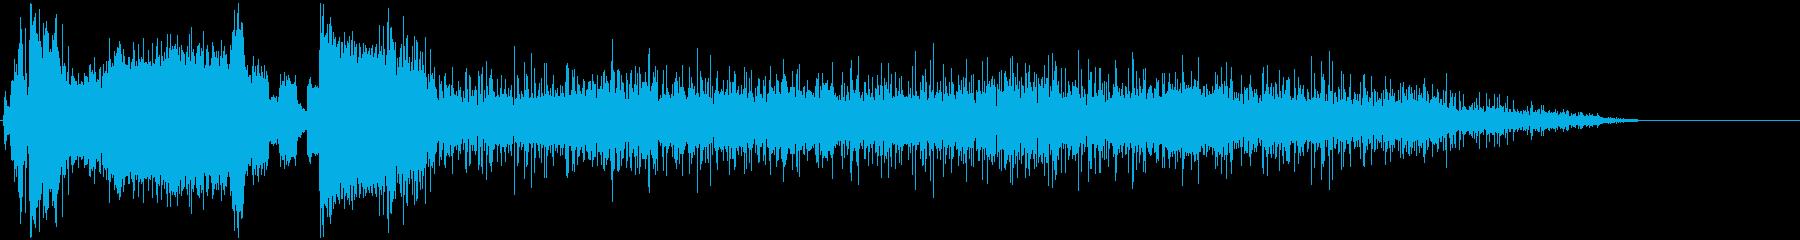 レバーガチャ⇨マシン作動⇨故障爆発⇨火事の再生済みの波形